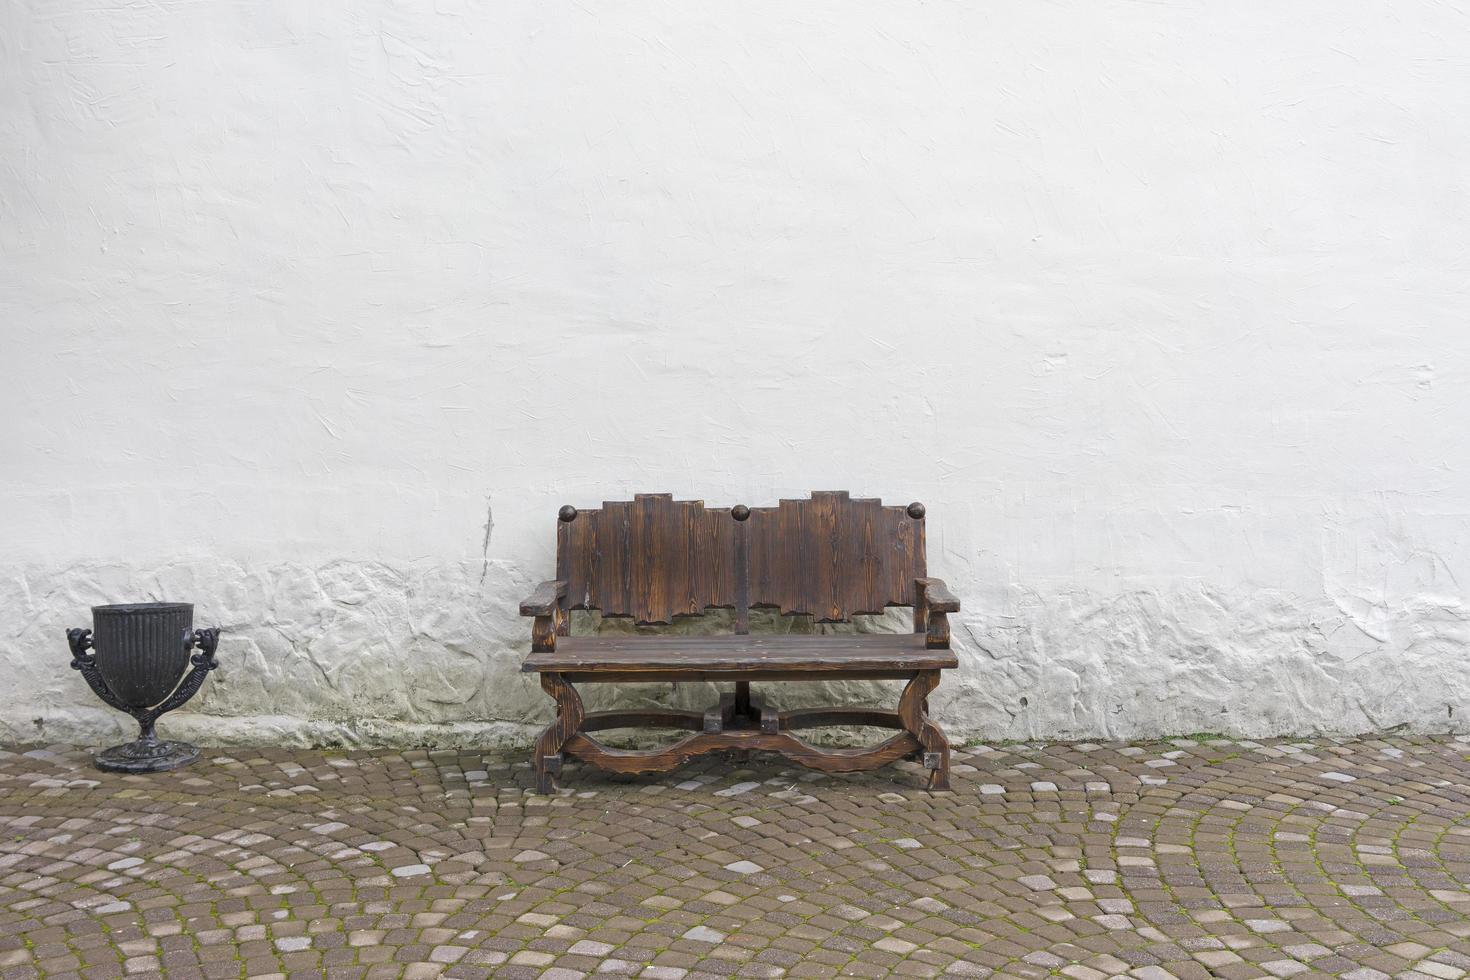 panca in legno su uno sfondo di muro bianco foto